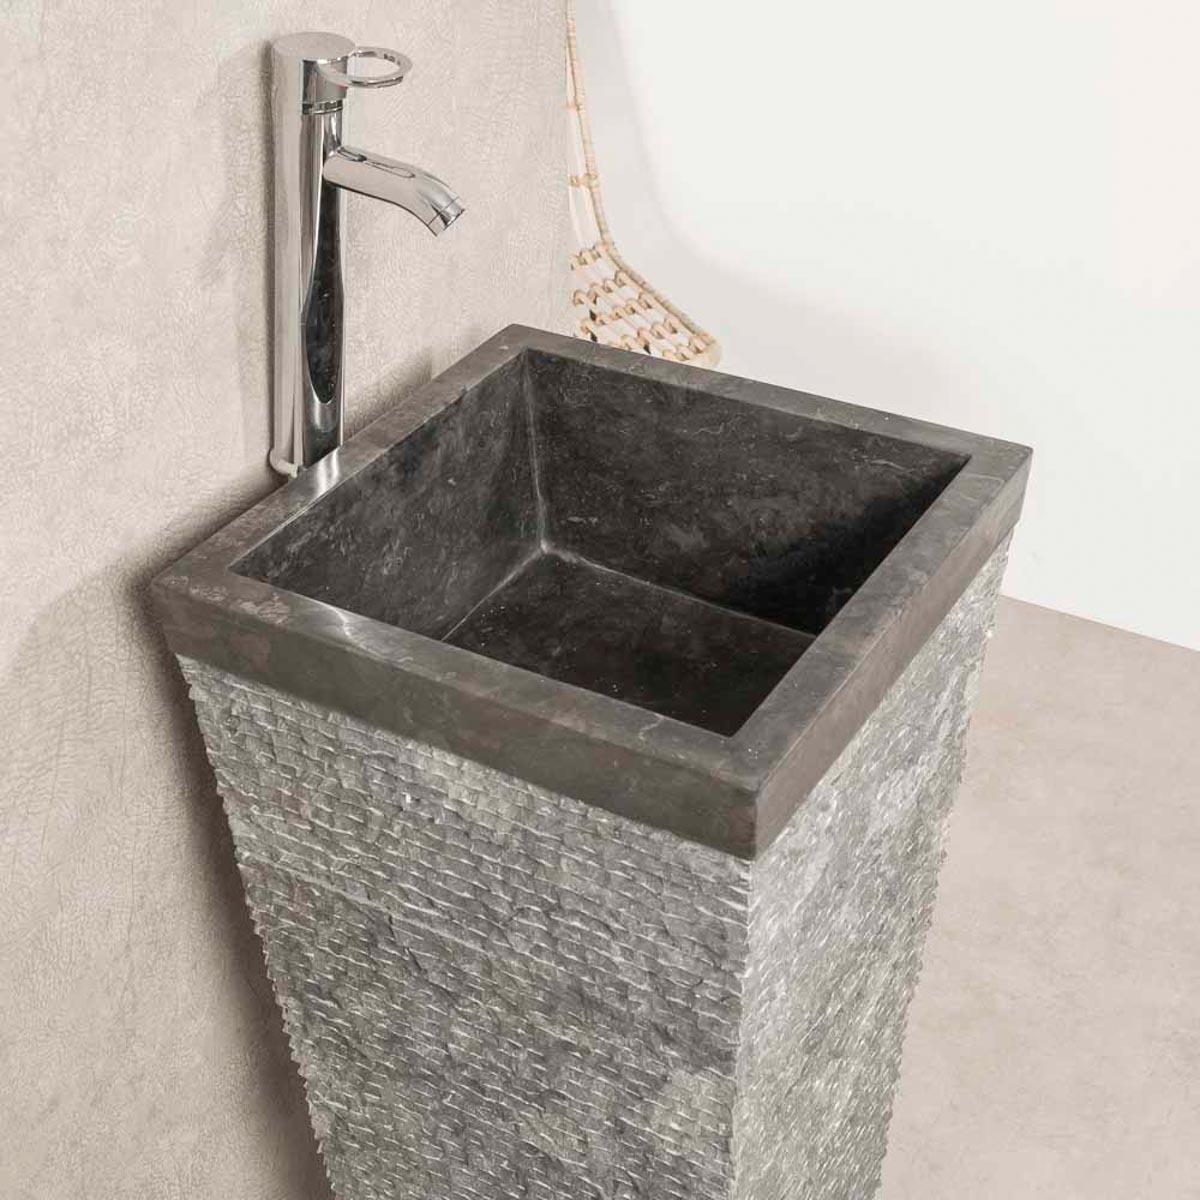 Vasque salle de bain sur pied en pierre pyramide havana noir - Vasque de salle de bain en pierre ...